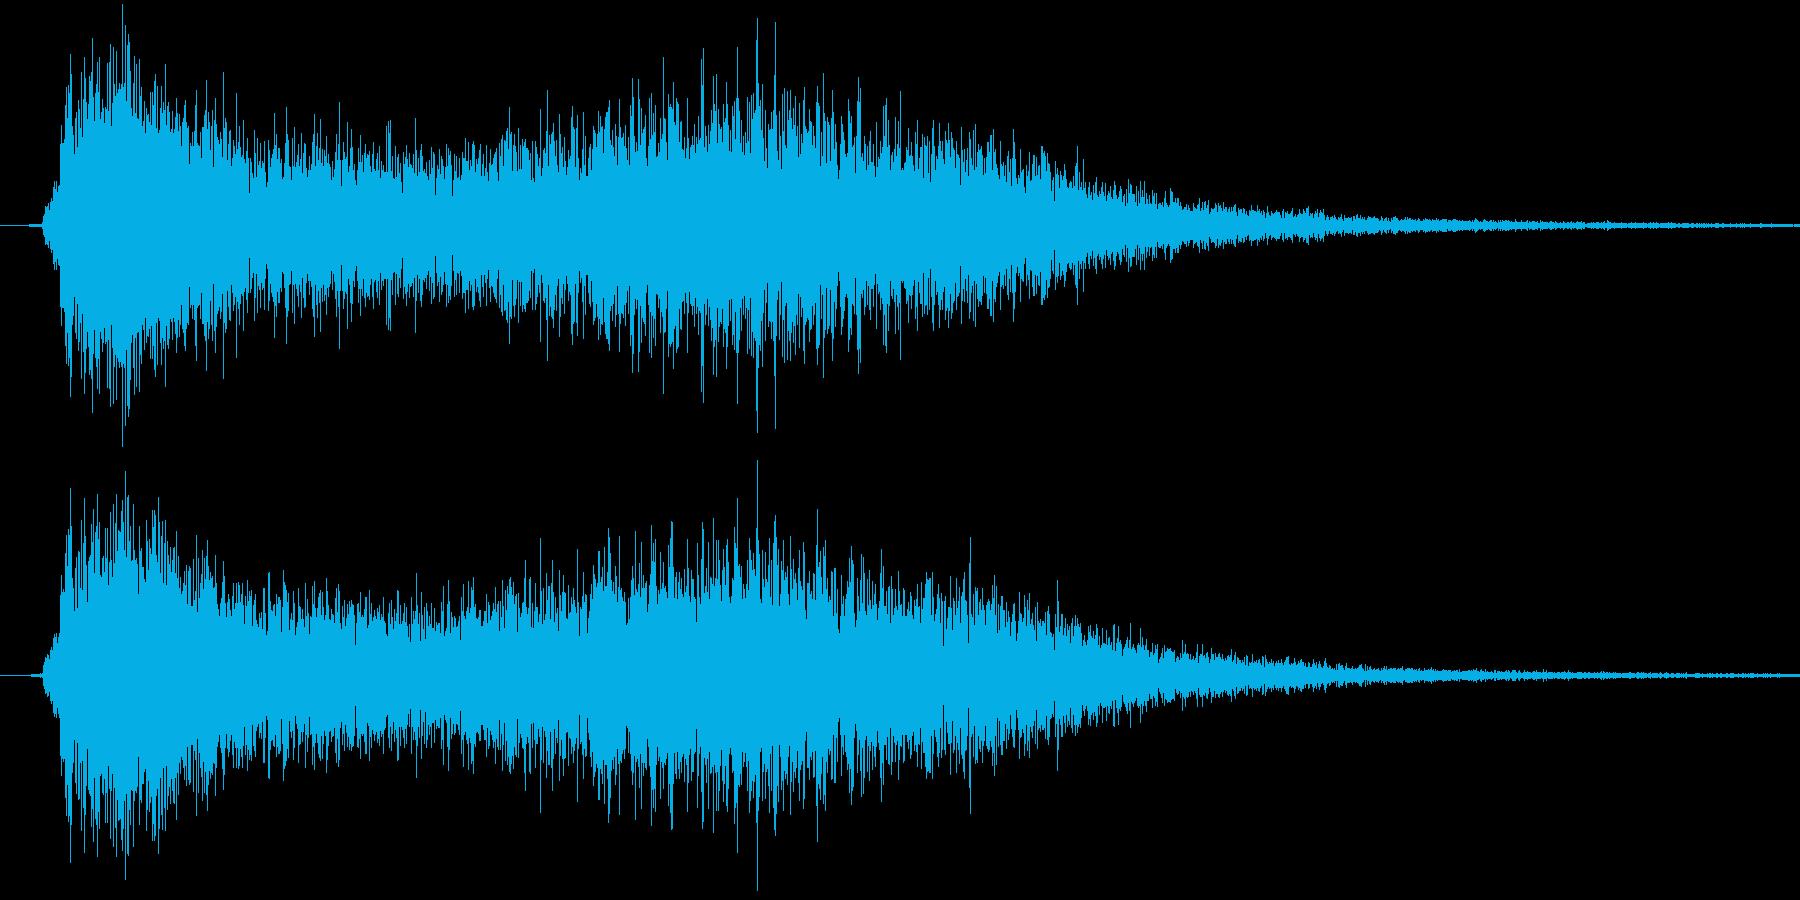 ステータス上昇魔法(上昇するイメージ)の再生済みの波形